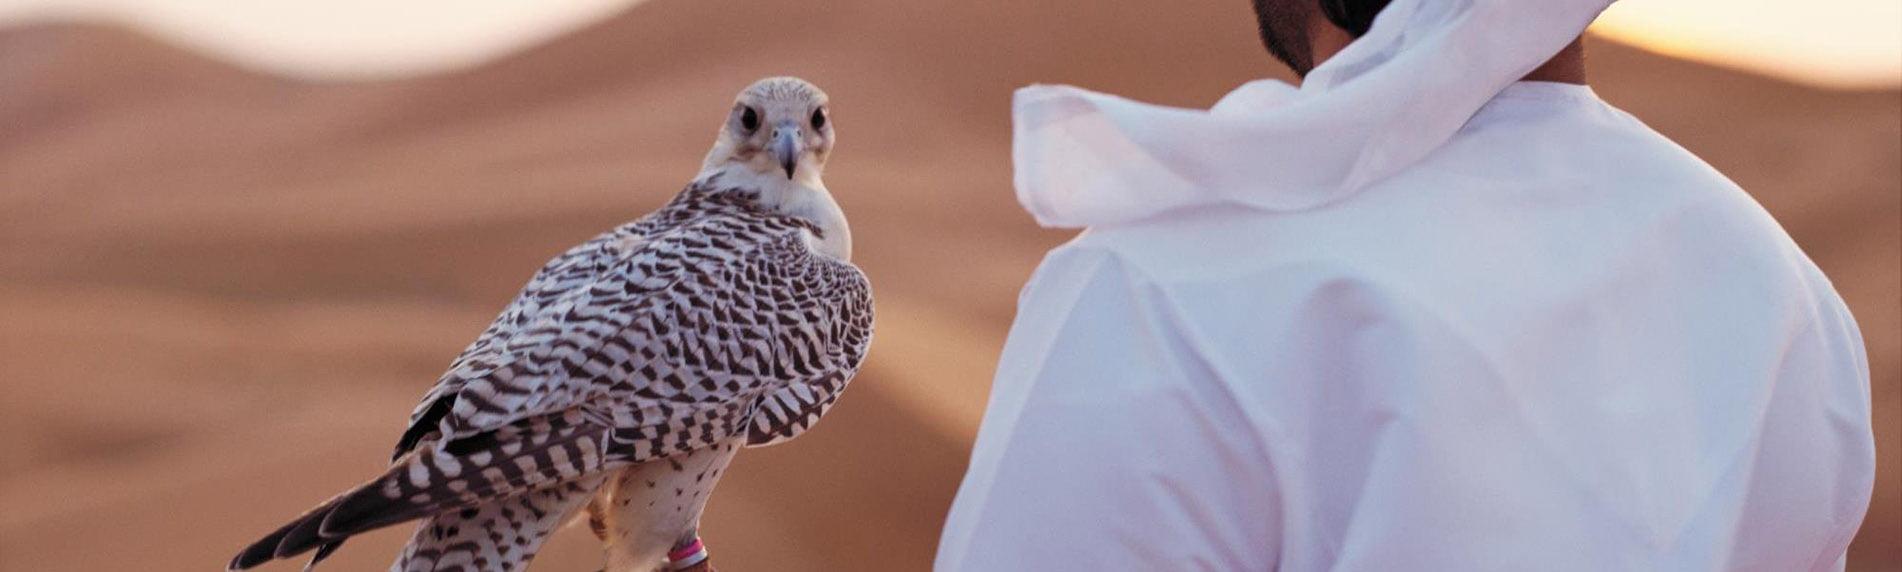 falcon tour abudhabi